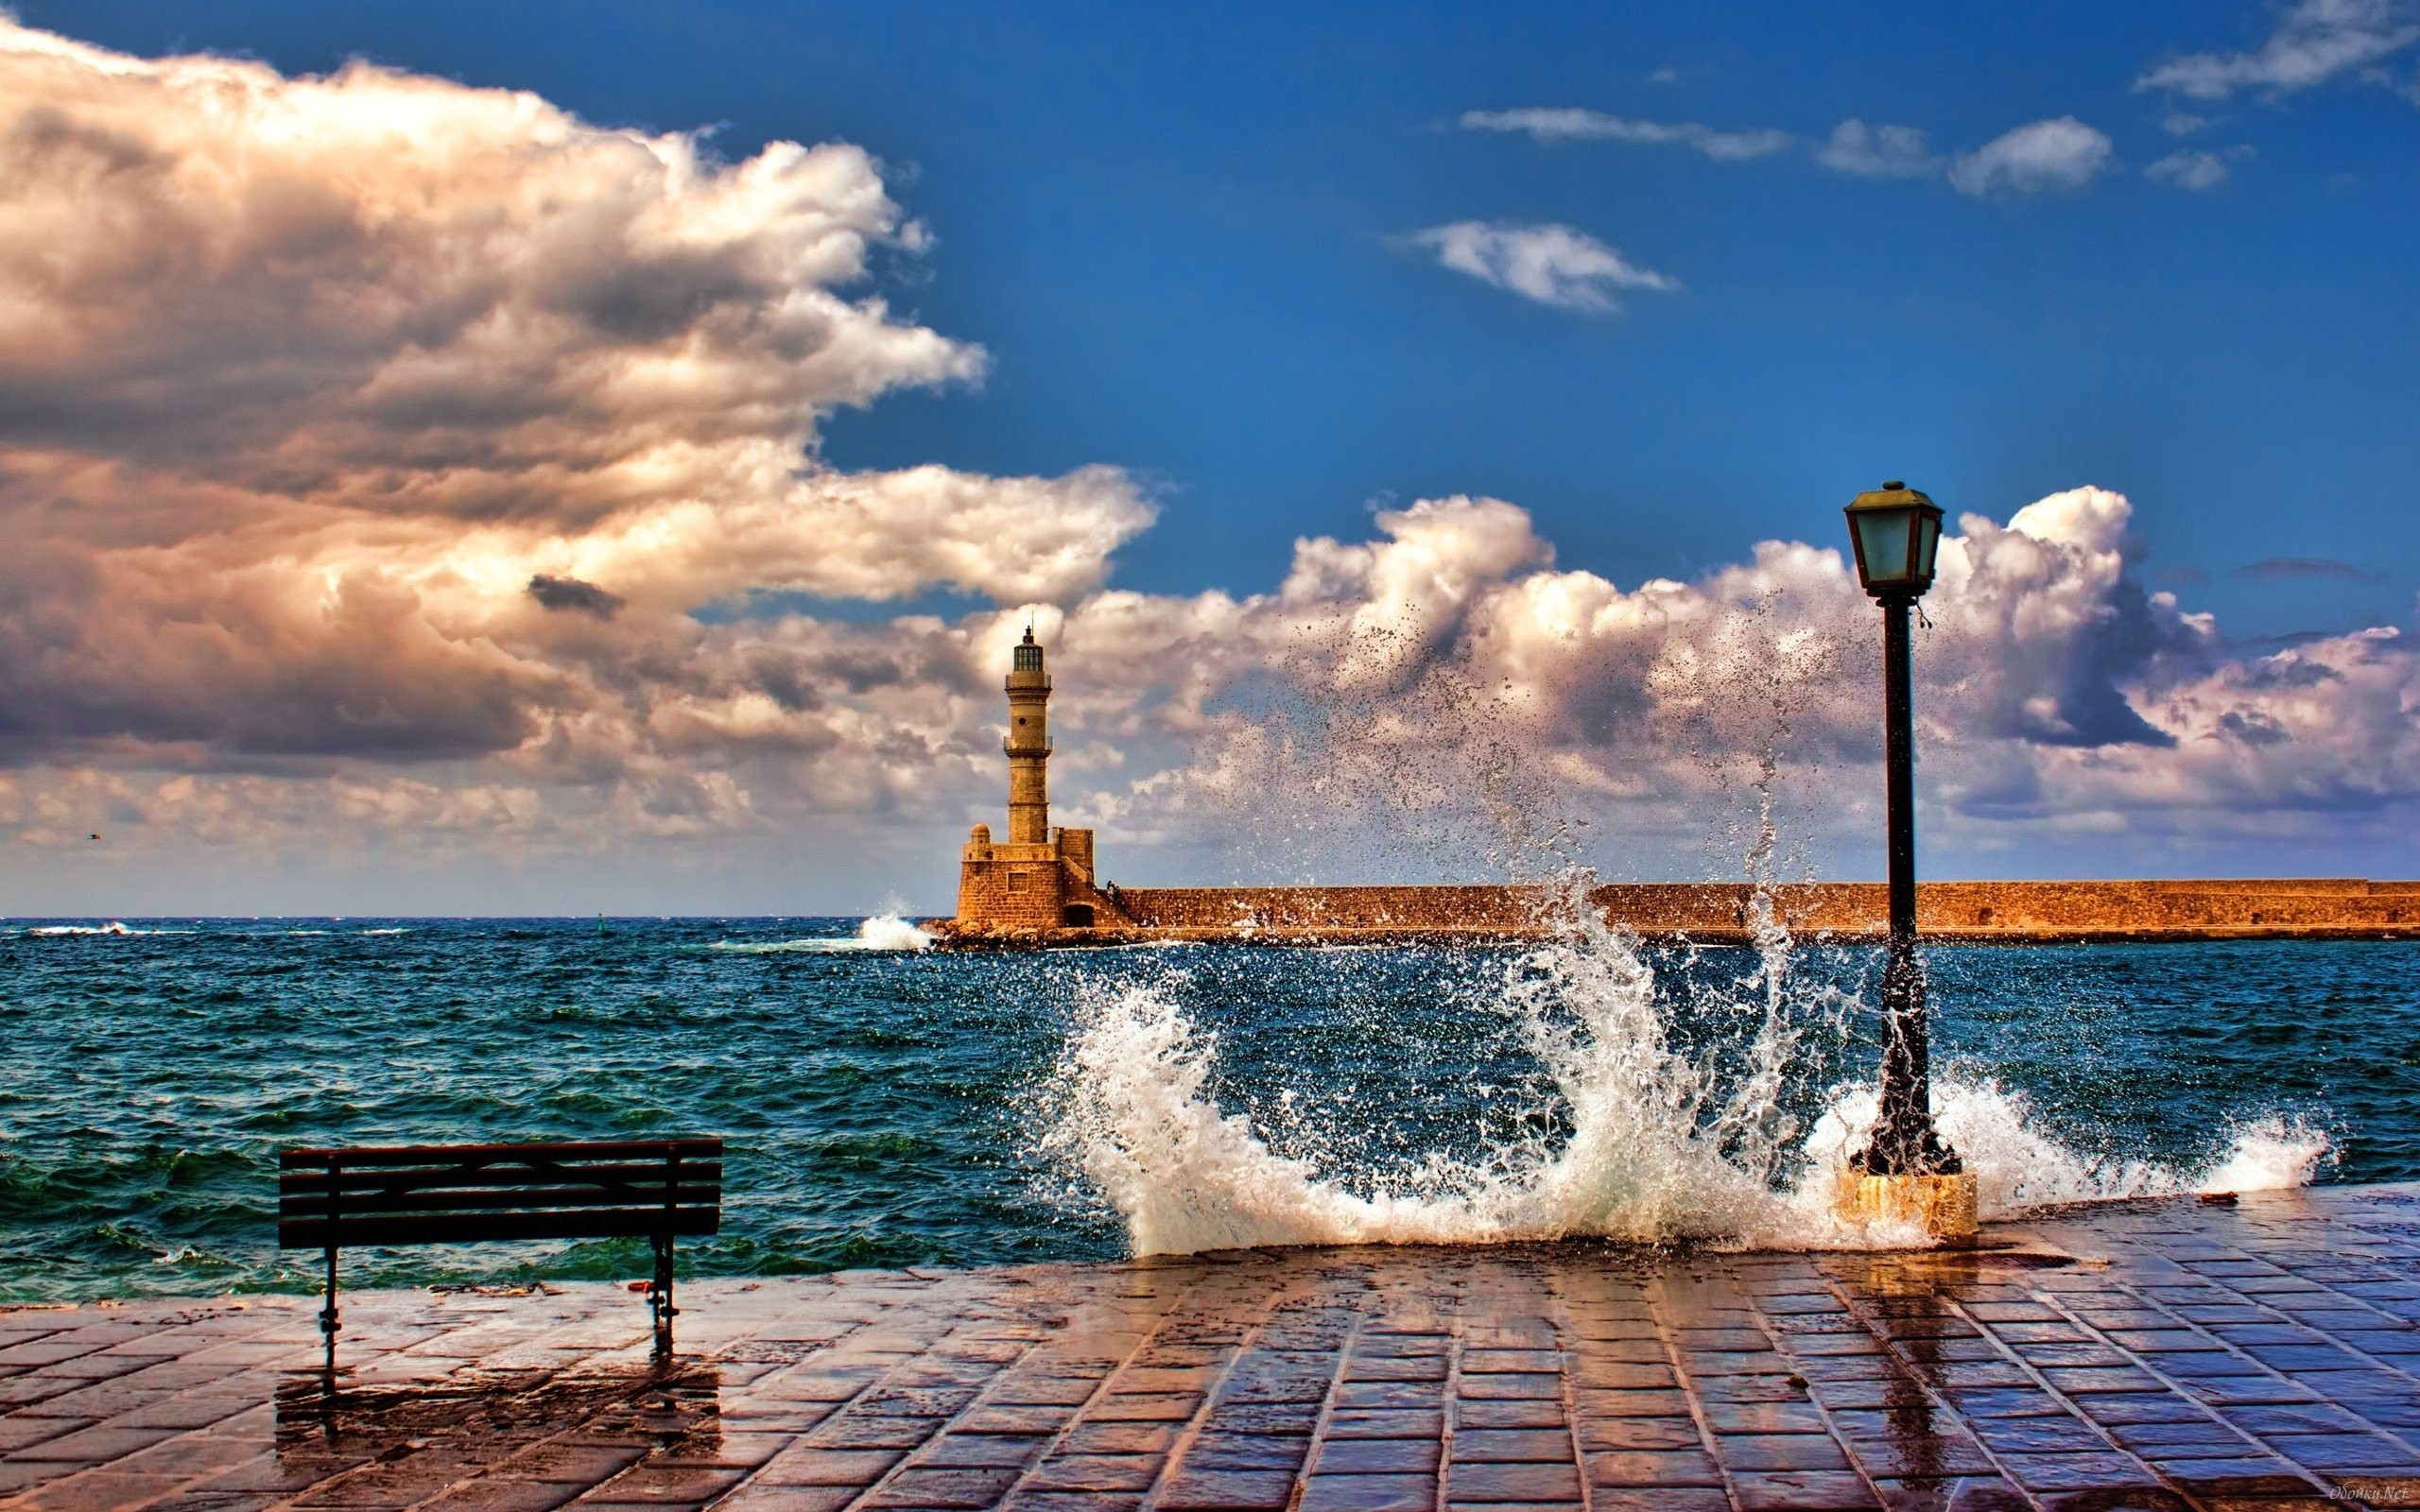 Res: 2560x1600, City embankment and the sea HD Desktop Wallpaper